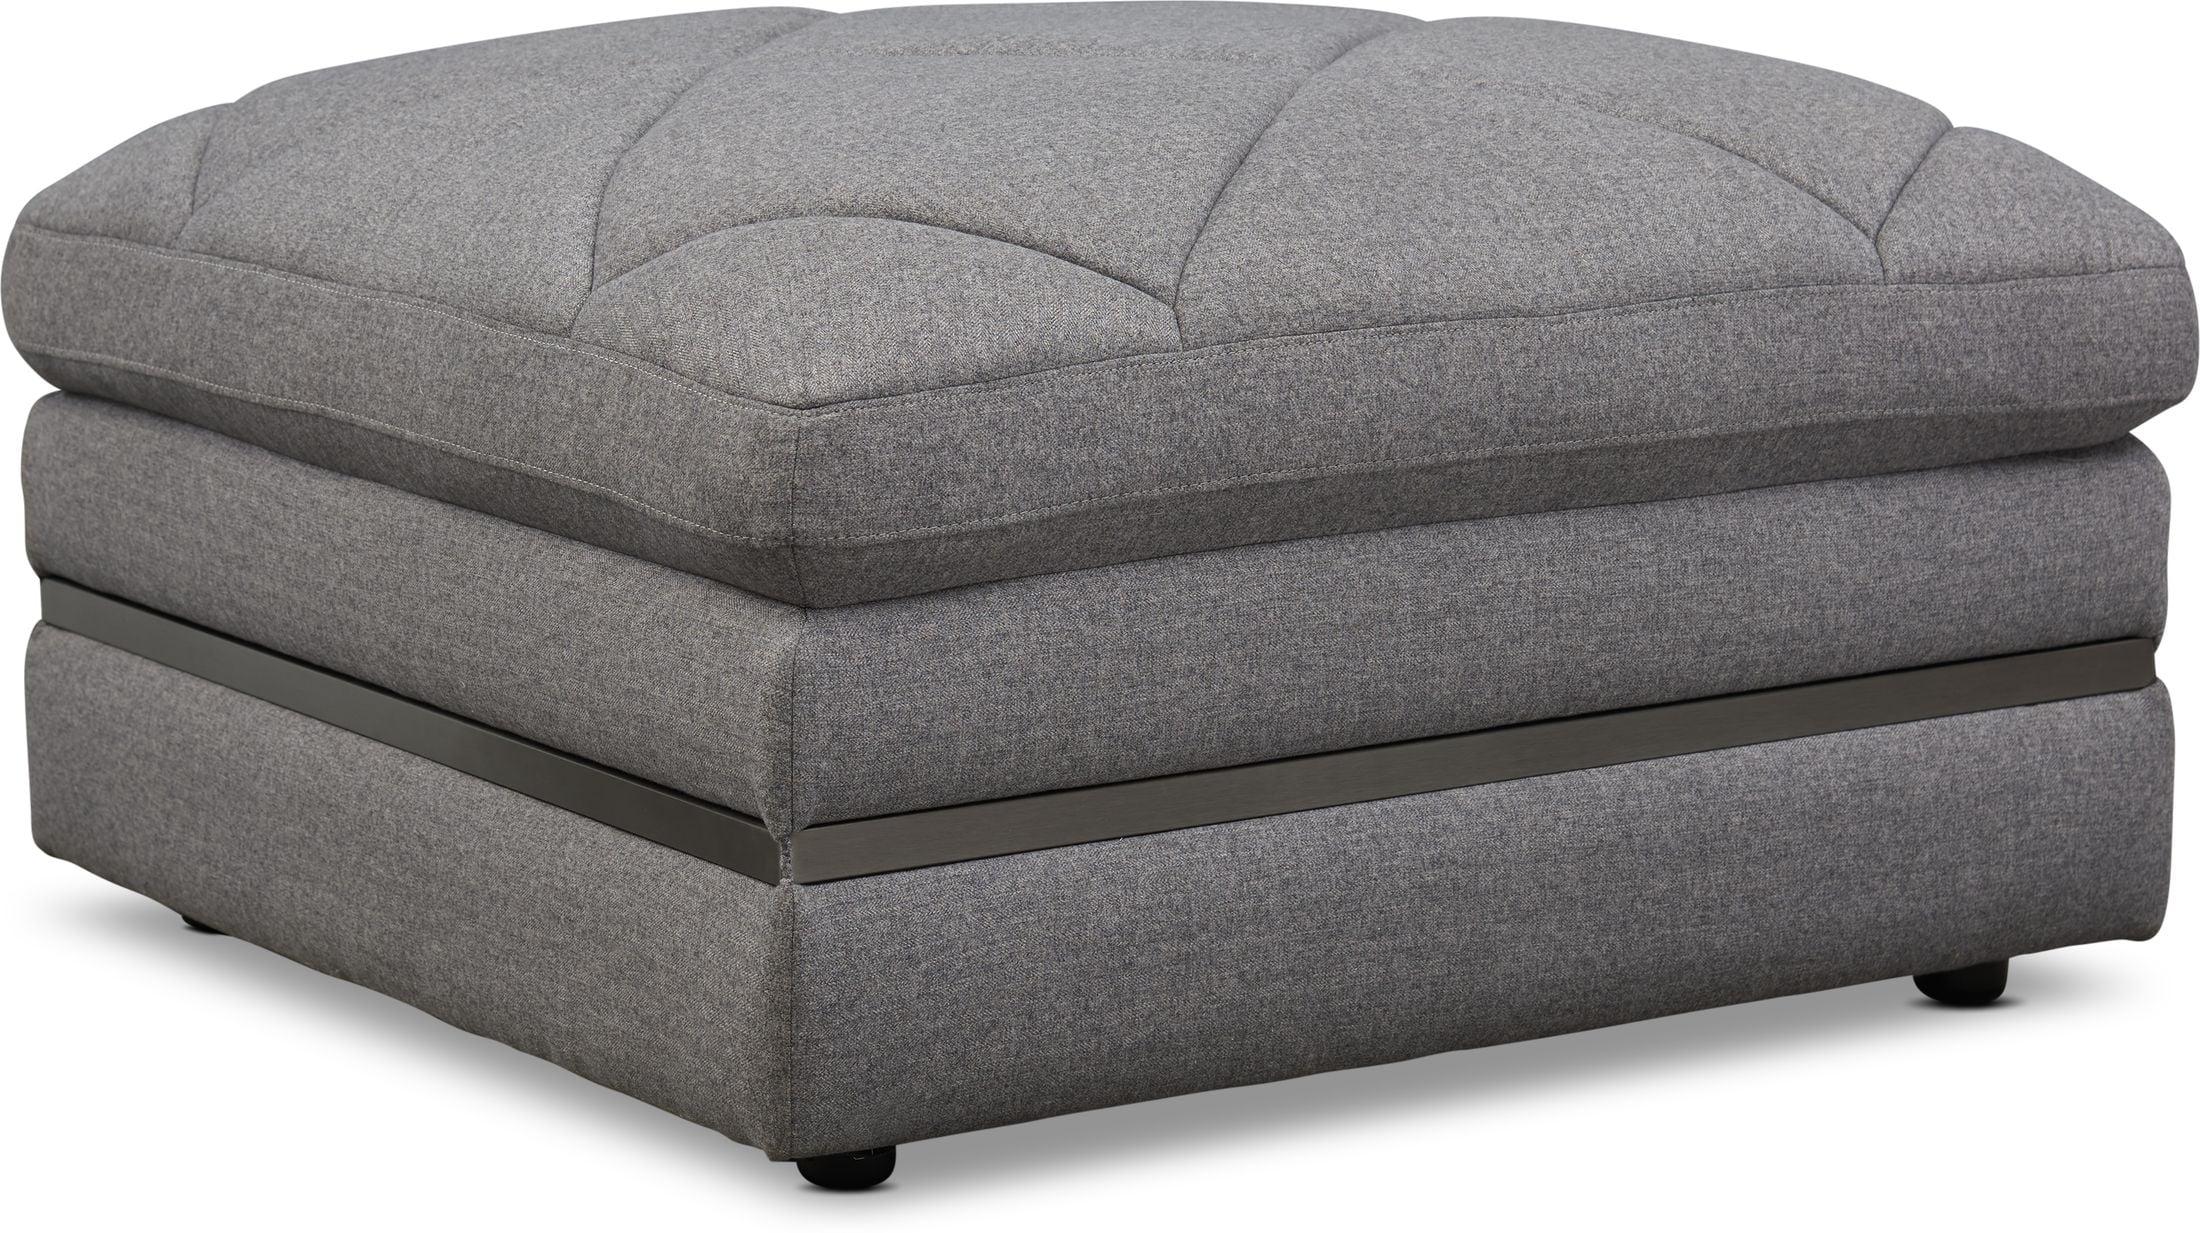 Living Room Furniture - Revel Ottoman